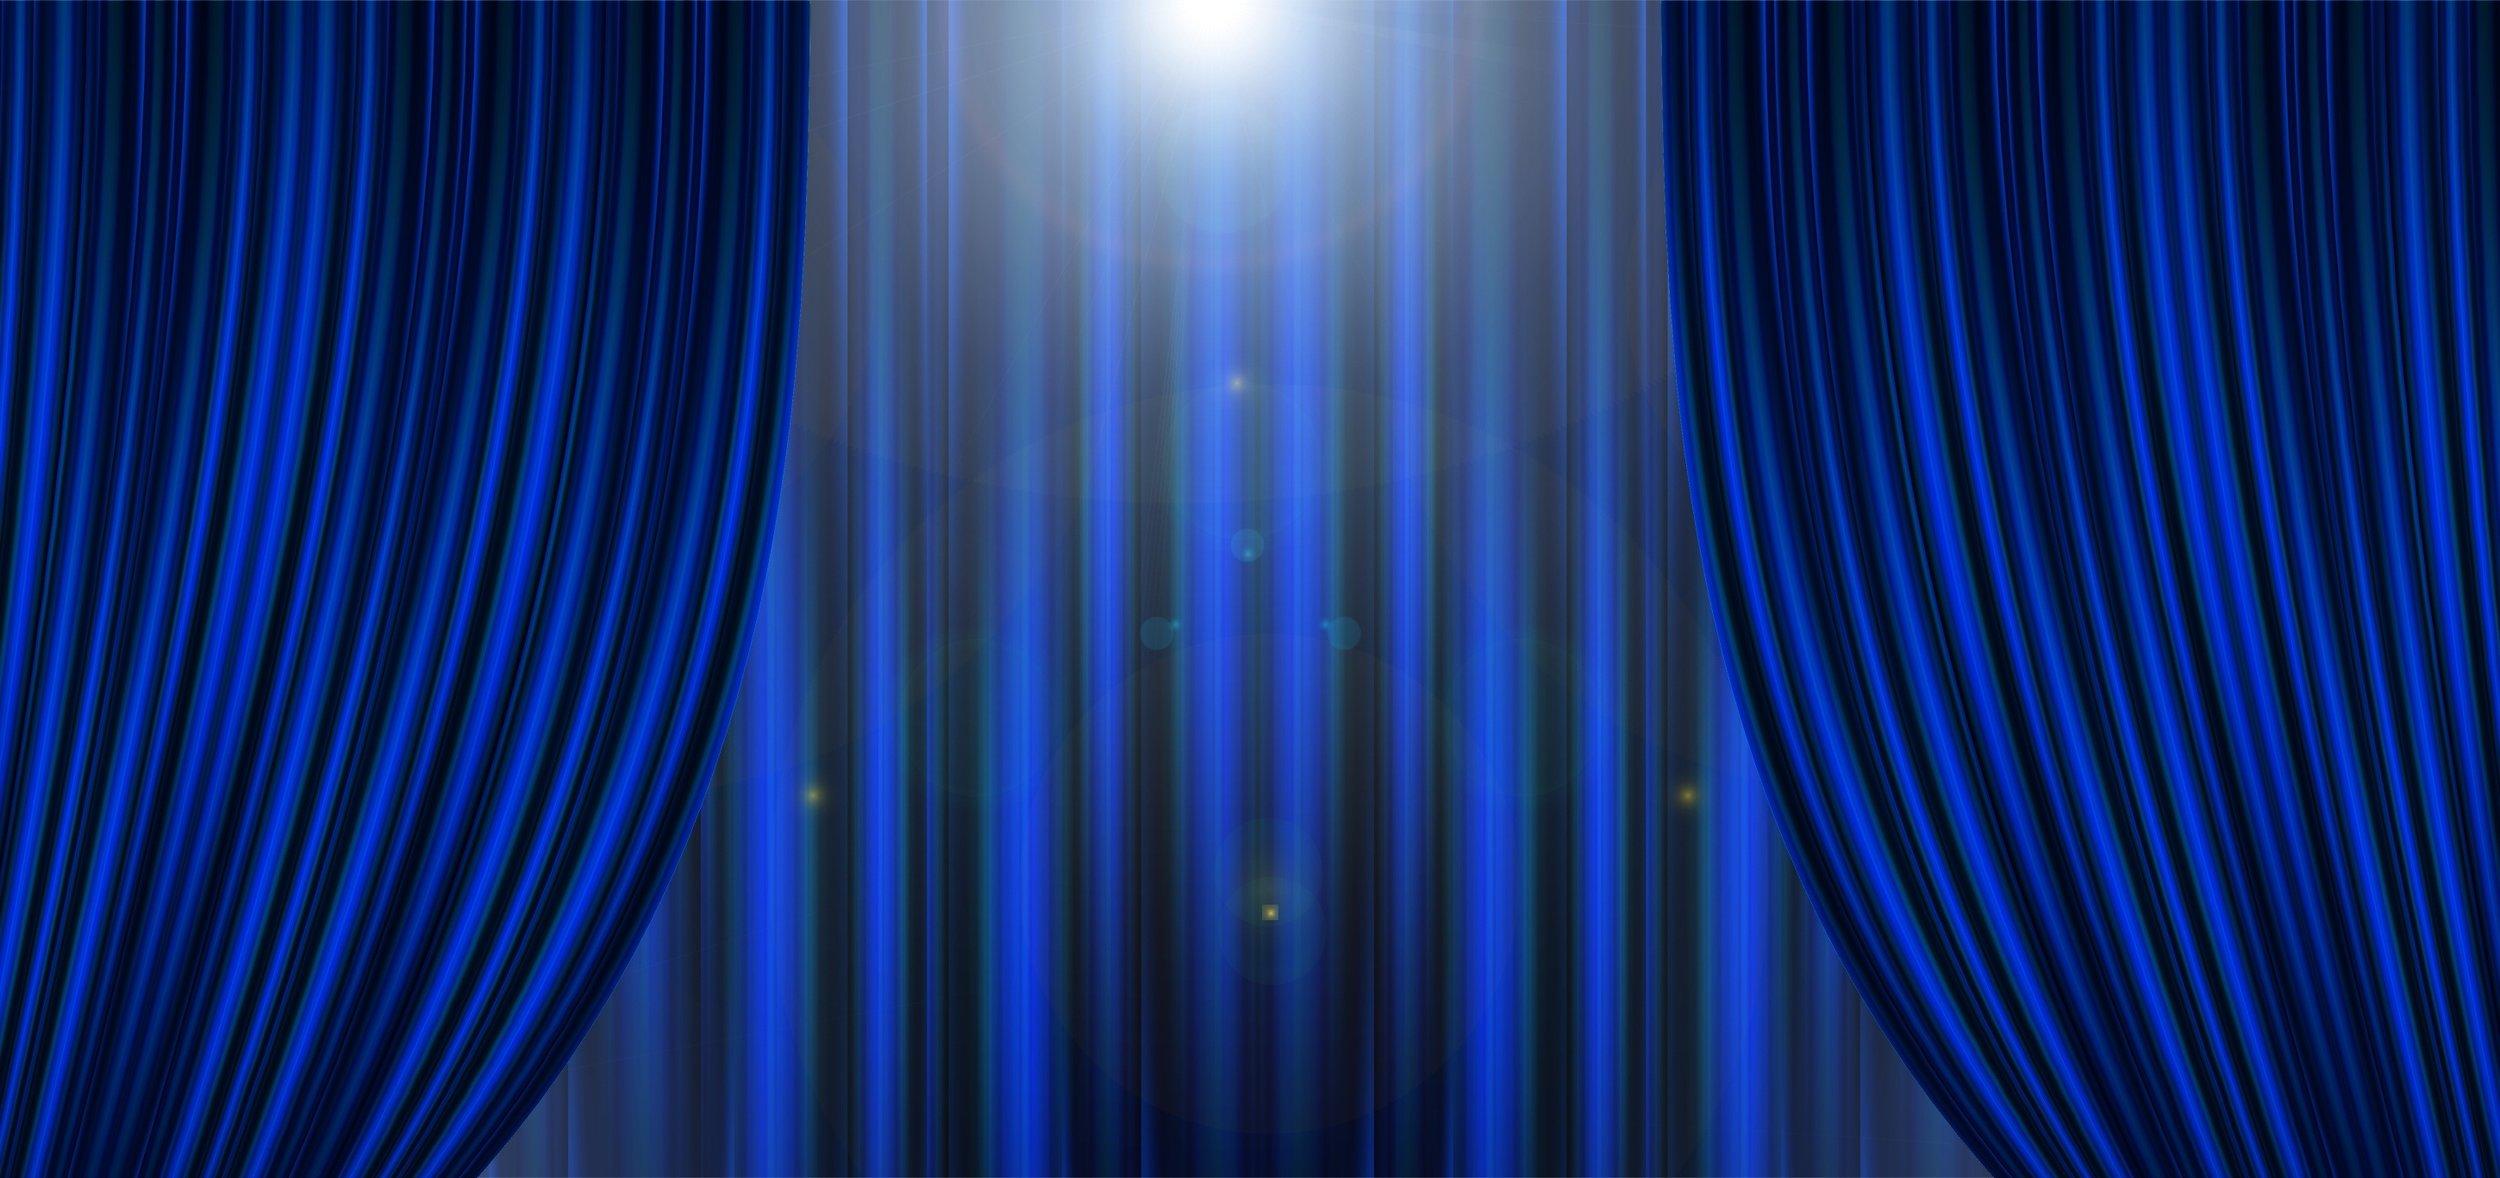 theater-2757802.jpg